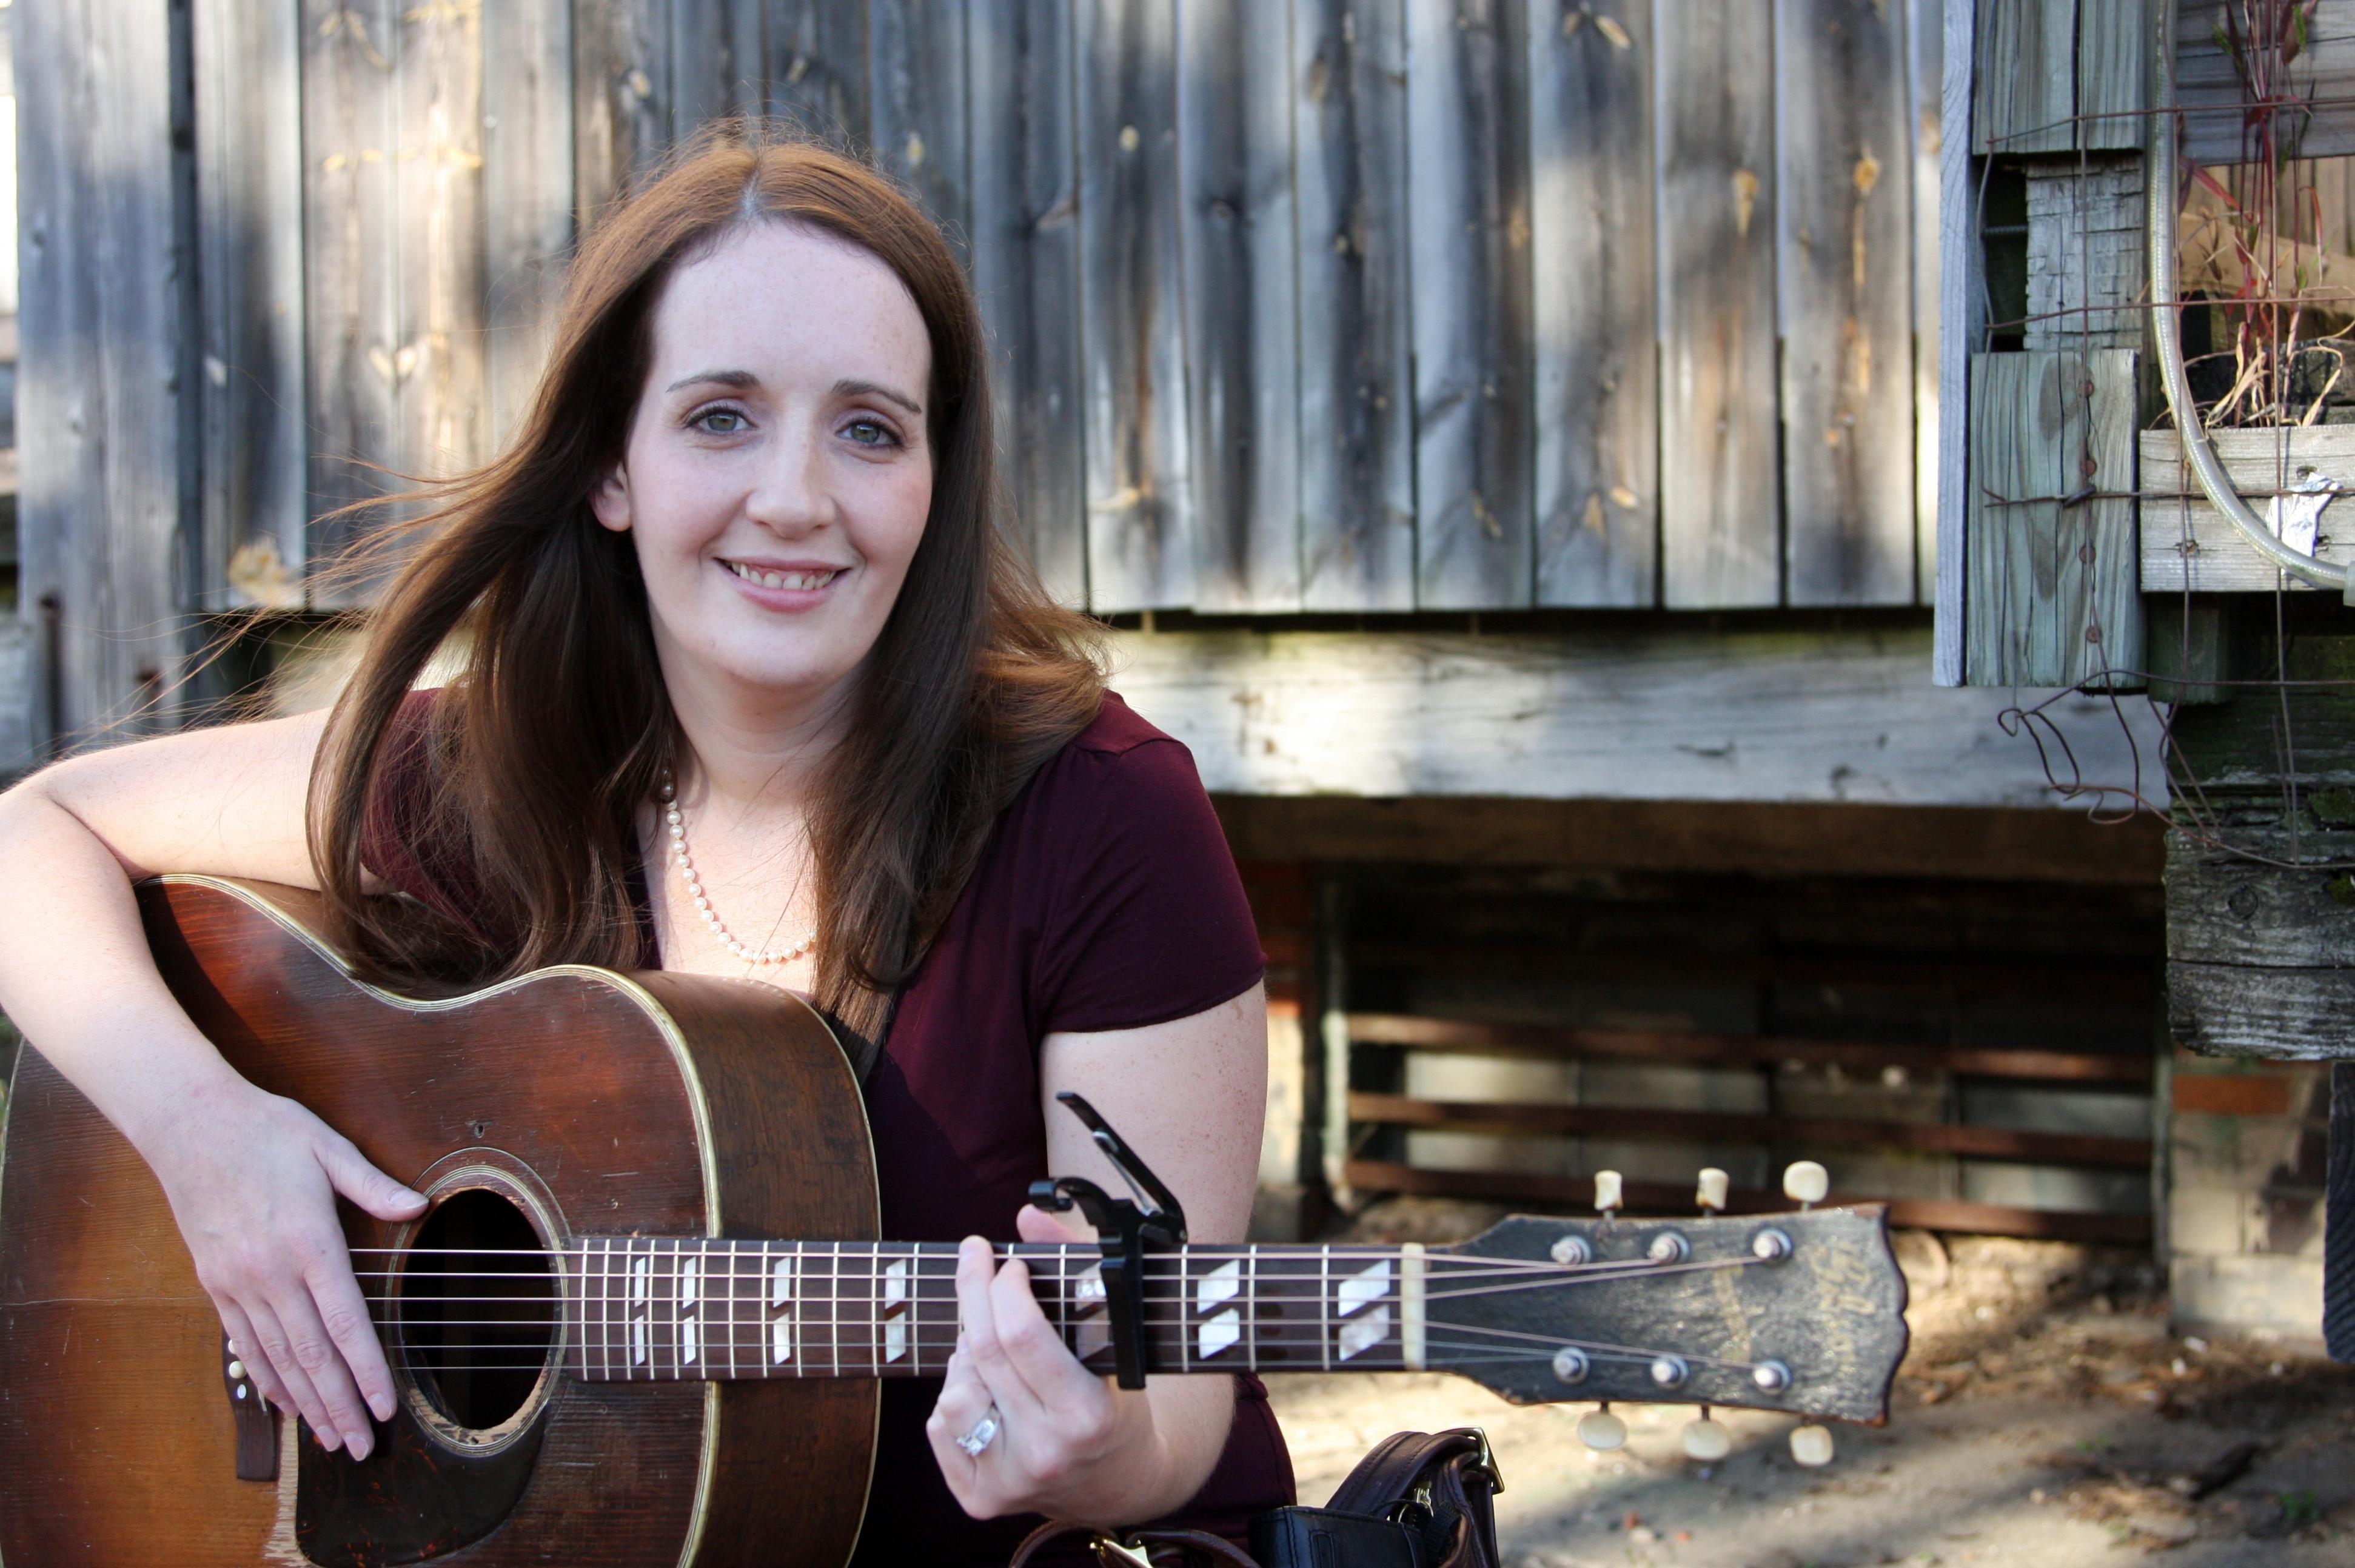 Lisa Moaiery